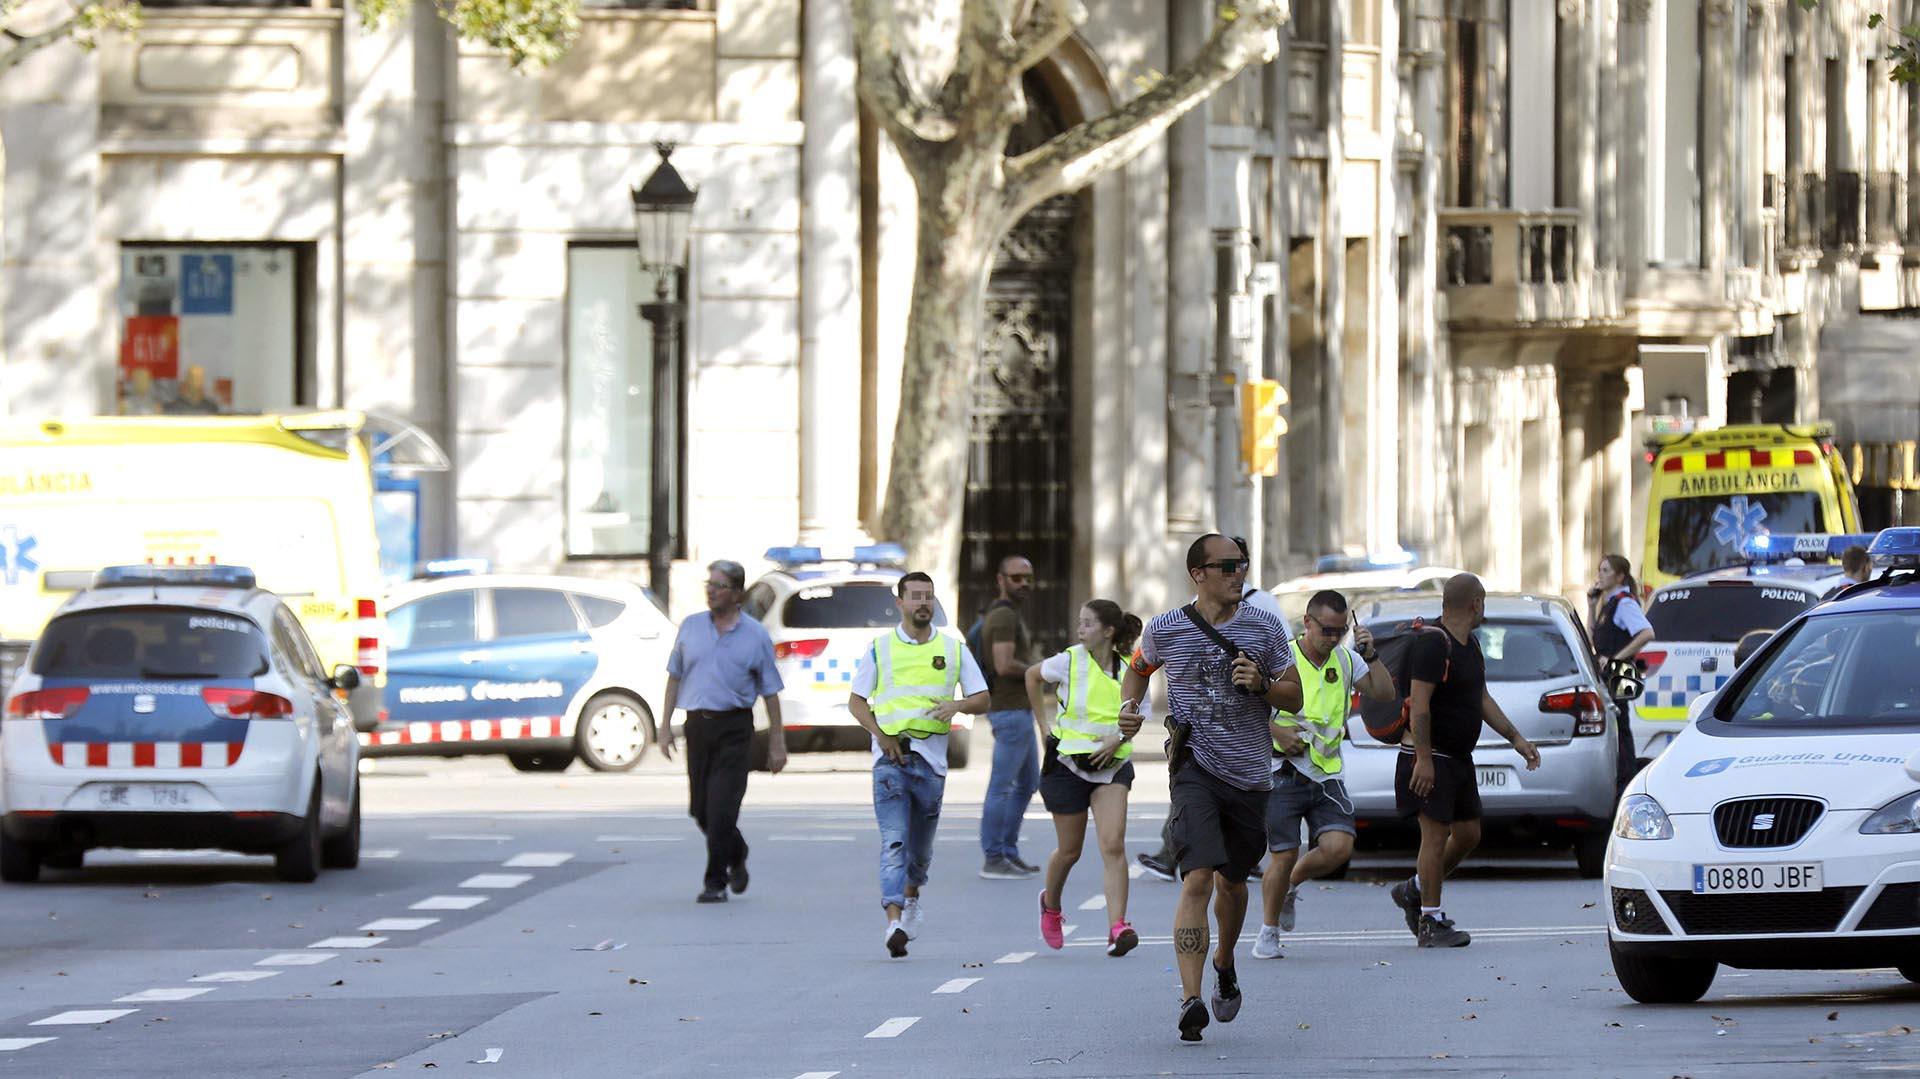 La gente sale corriendo del lugar en el que una furgoneta ha atropellado a varias personas (EFE)